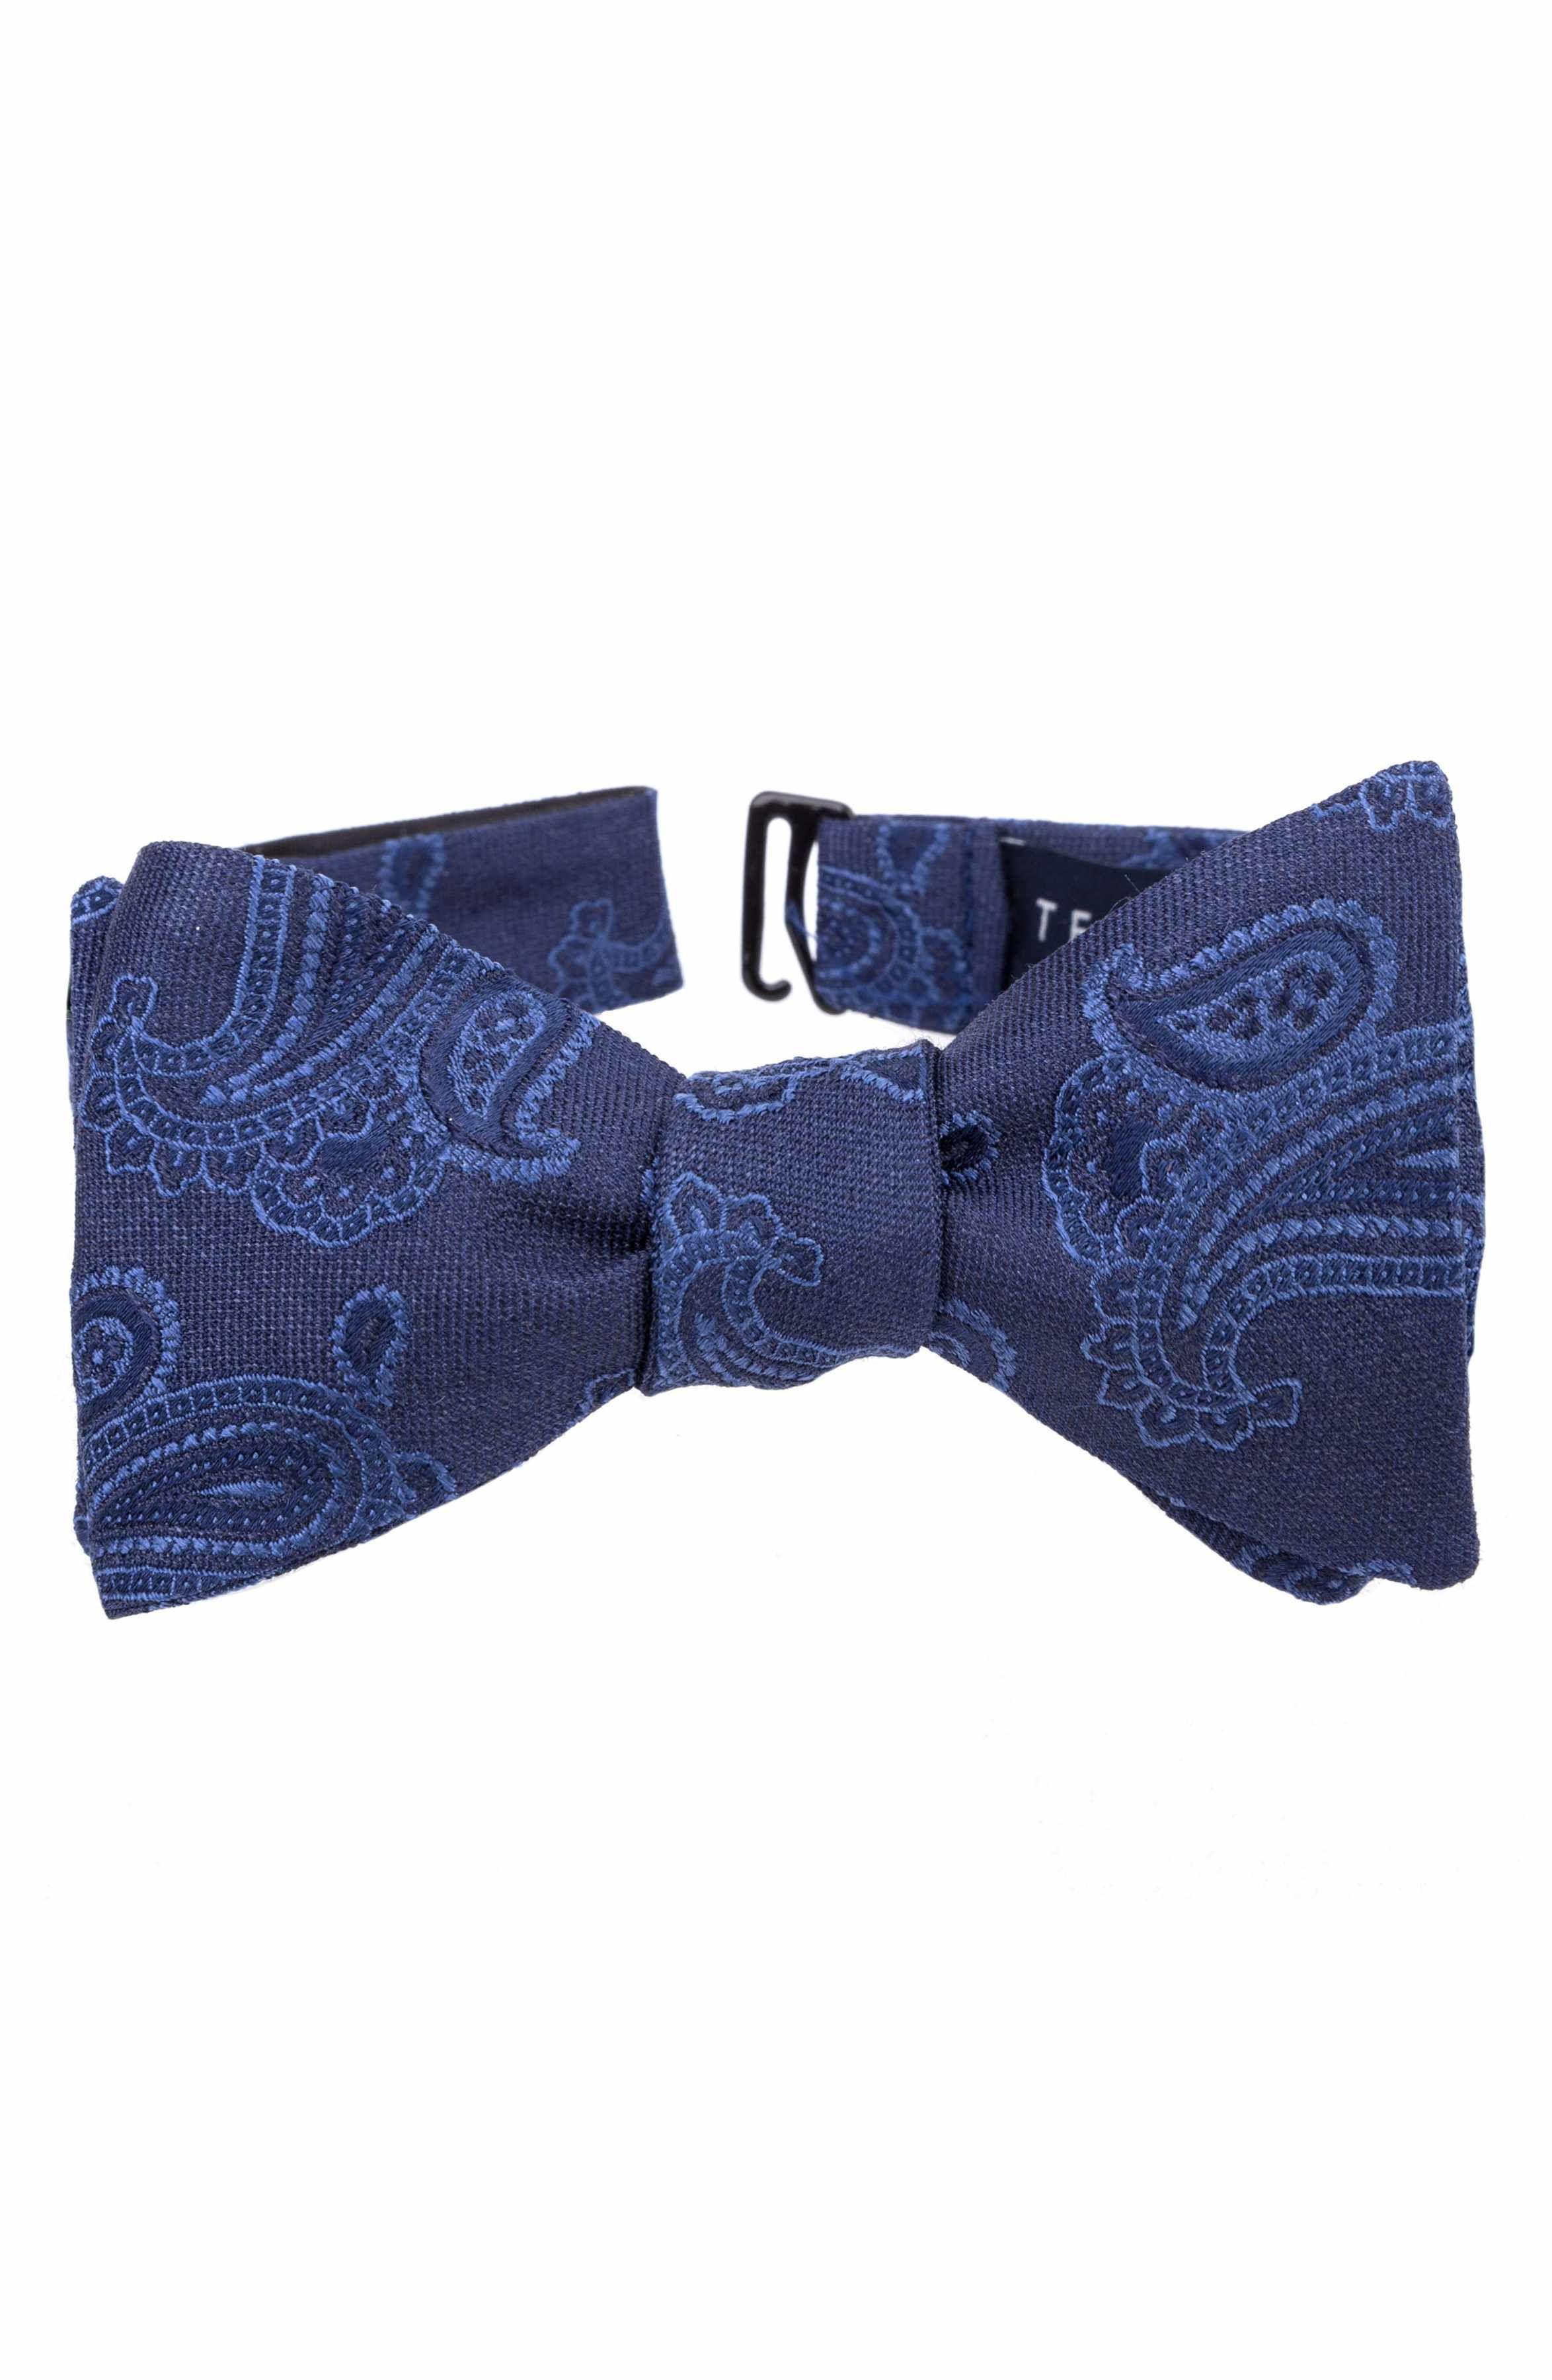 Self tie bow tie - Blue Flowers & leaves - Notch HYLLNING BLUE Notch 4T2M5UkJ